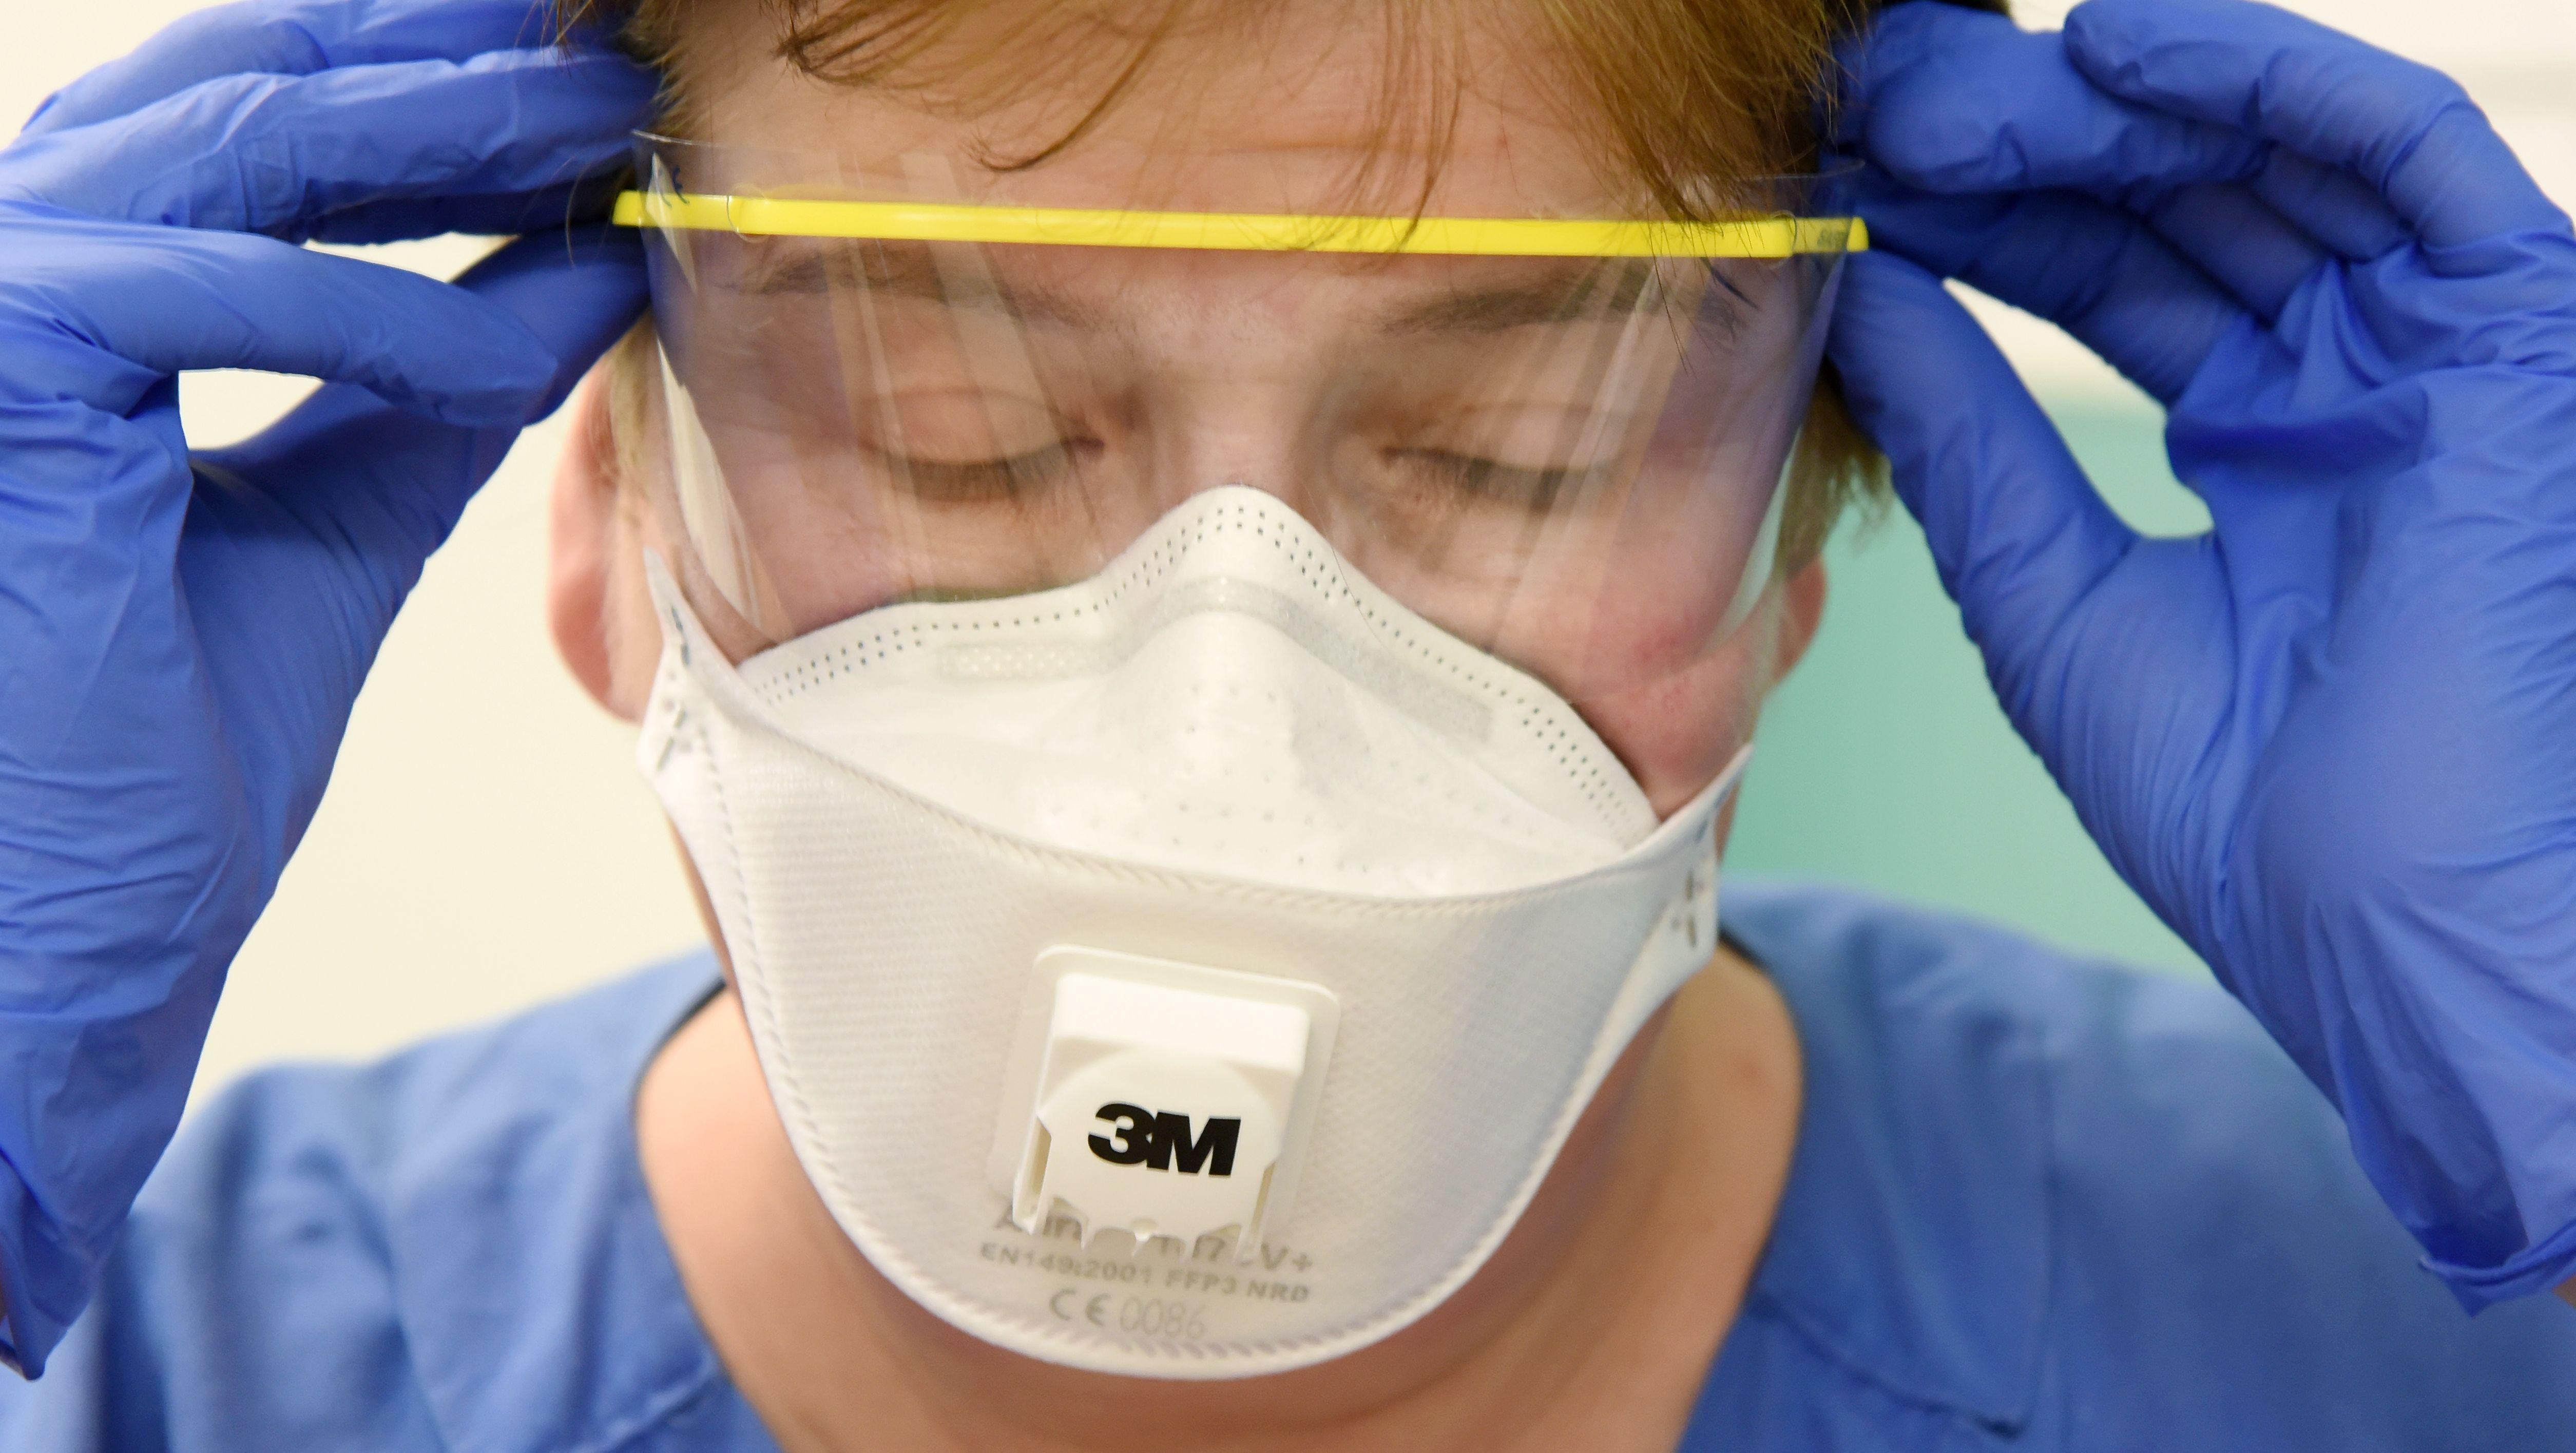 Krankenschwester trägt Mundschutz und Schutzhandschue. (Symbolbild)